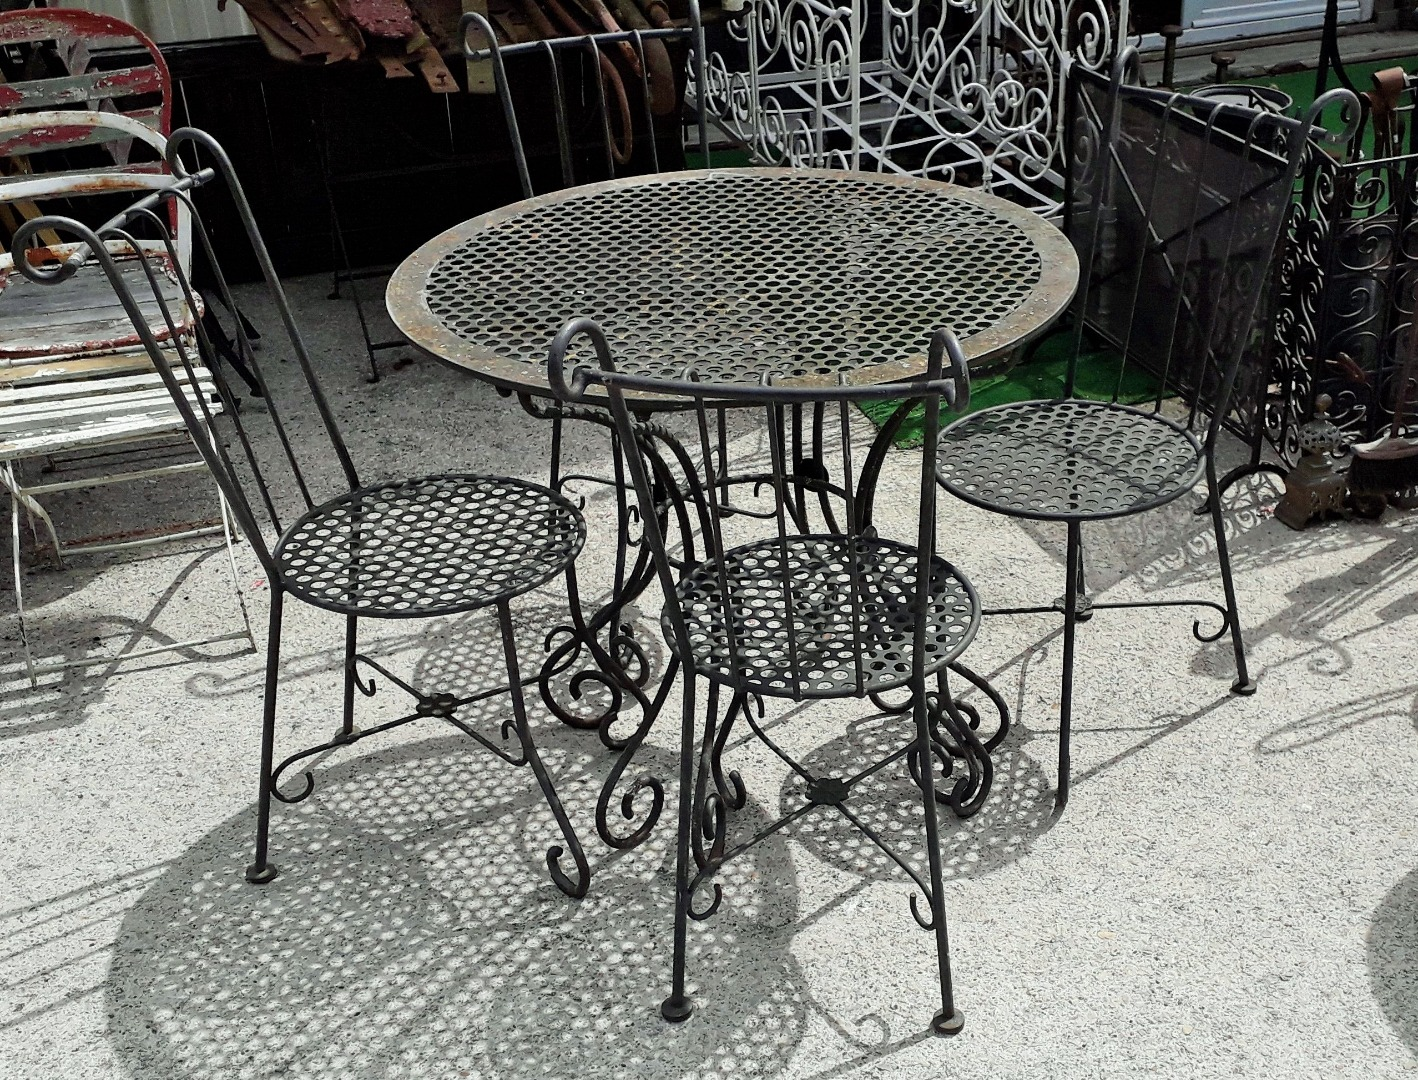 Recherche : salon de jardin fer forge | Antiquites en France